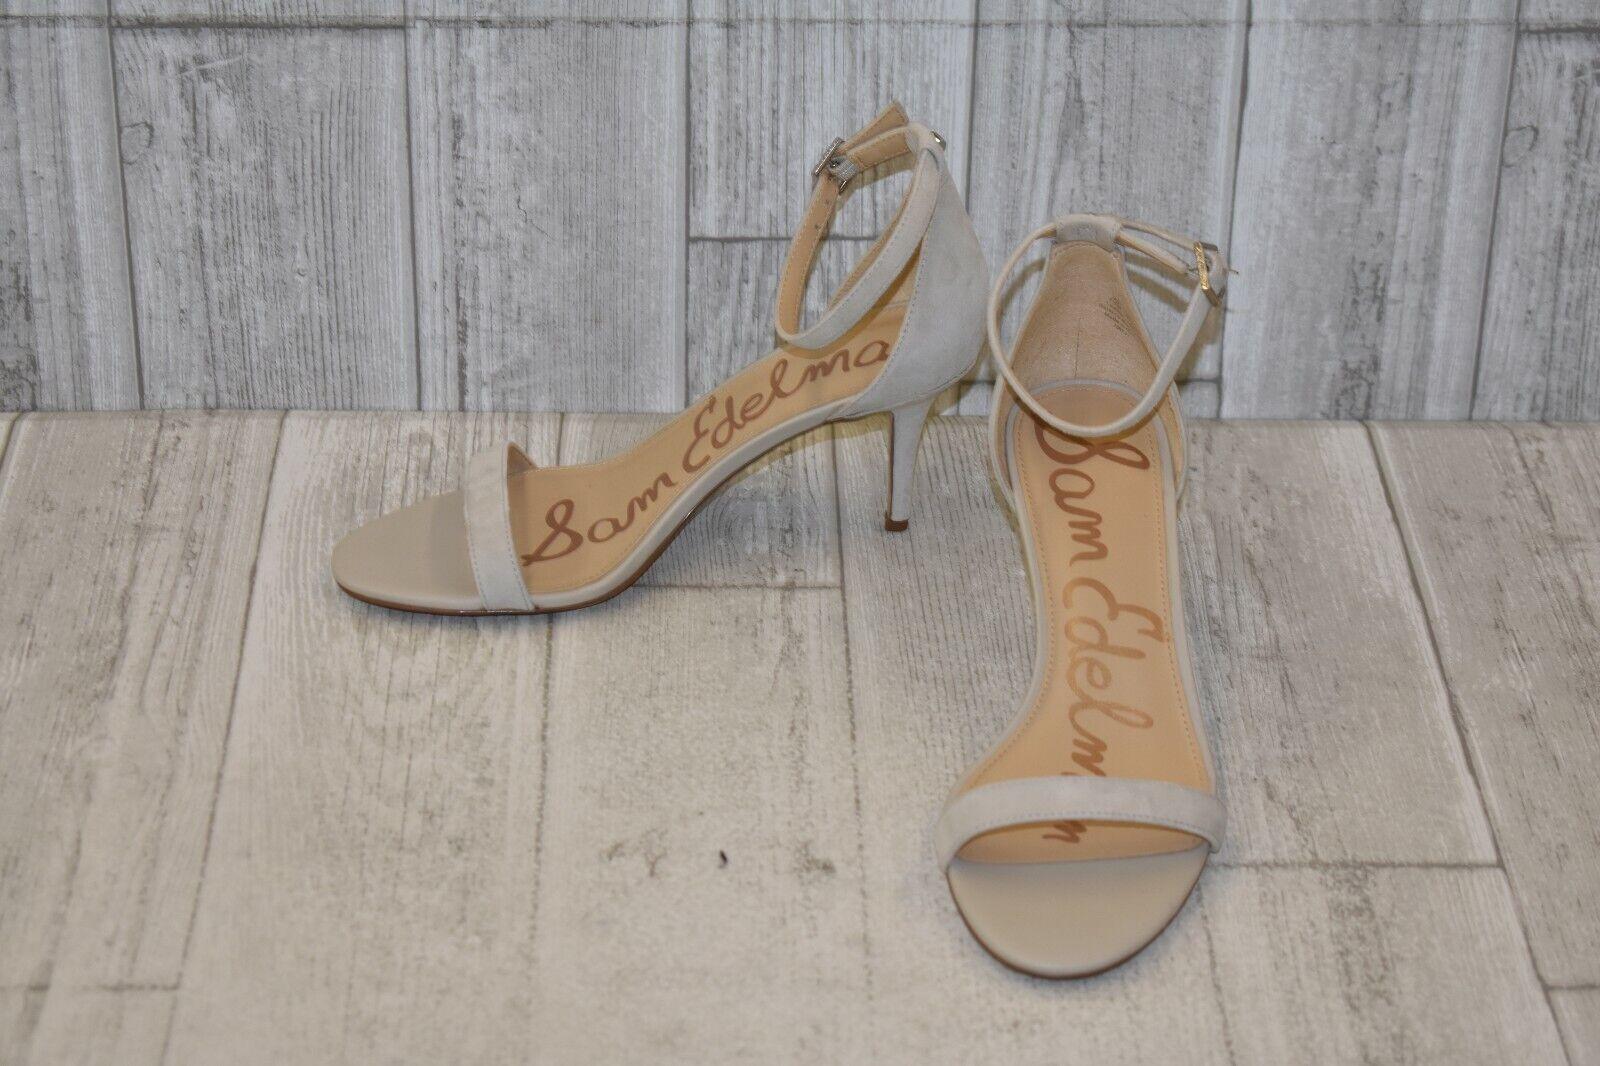 Sam Edelman Patti Strappy Sandal Heel - Women's Size 9.5 M - Grey